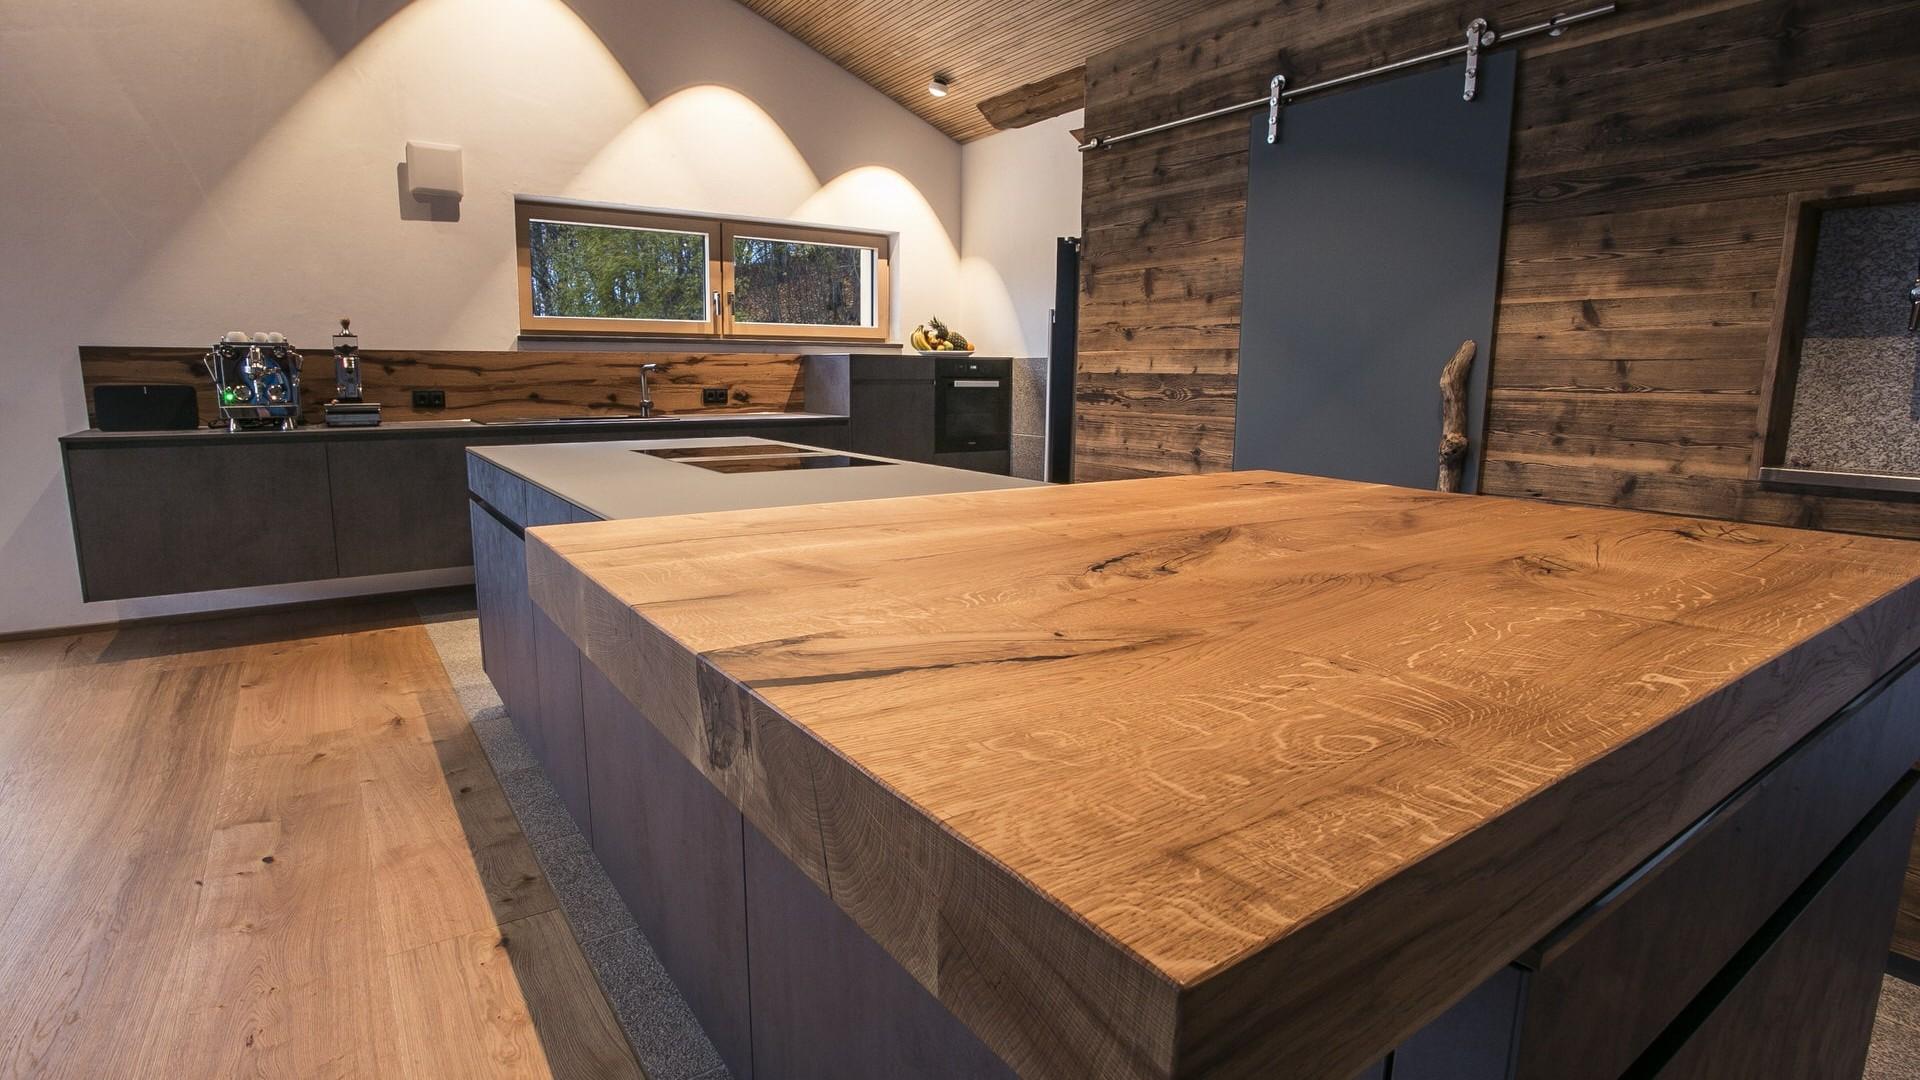 Küche Betonoptik Holz Arbeitsplatten: Beton küchen im vergleich ...